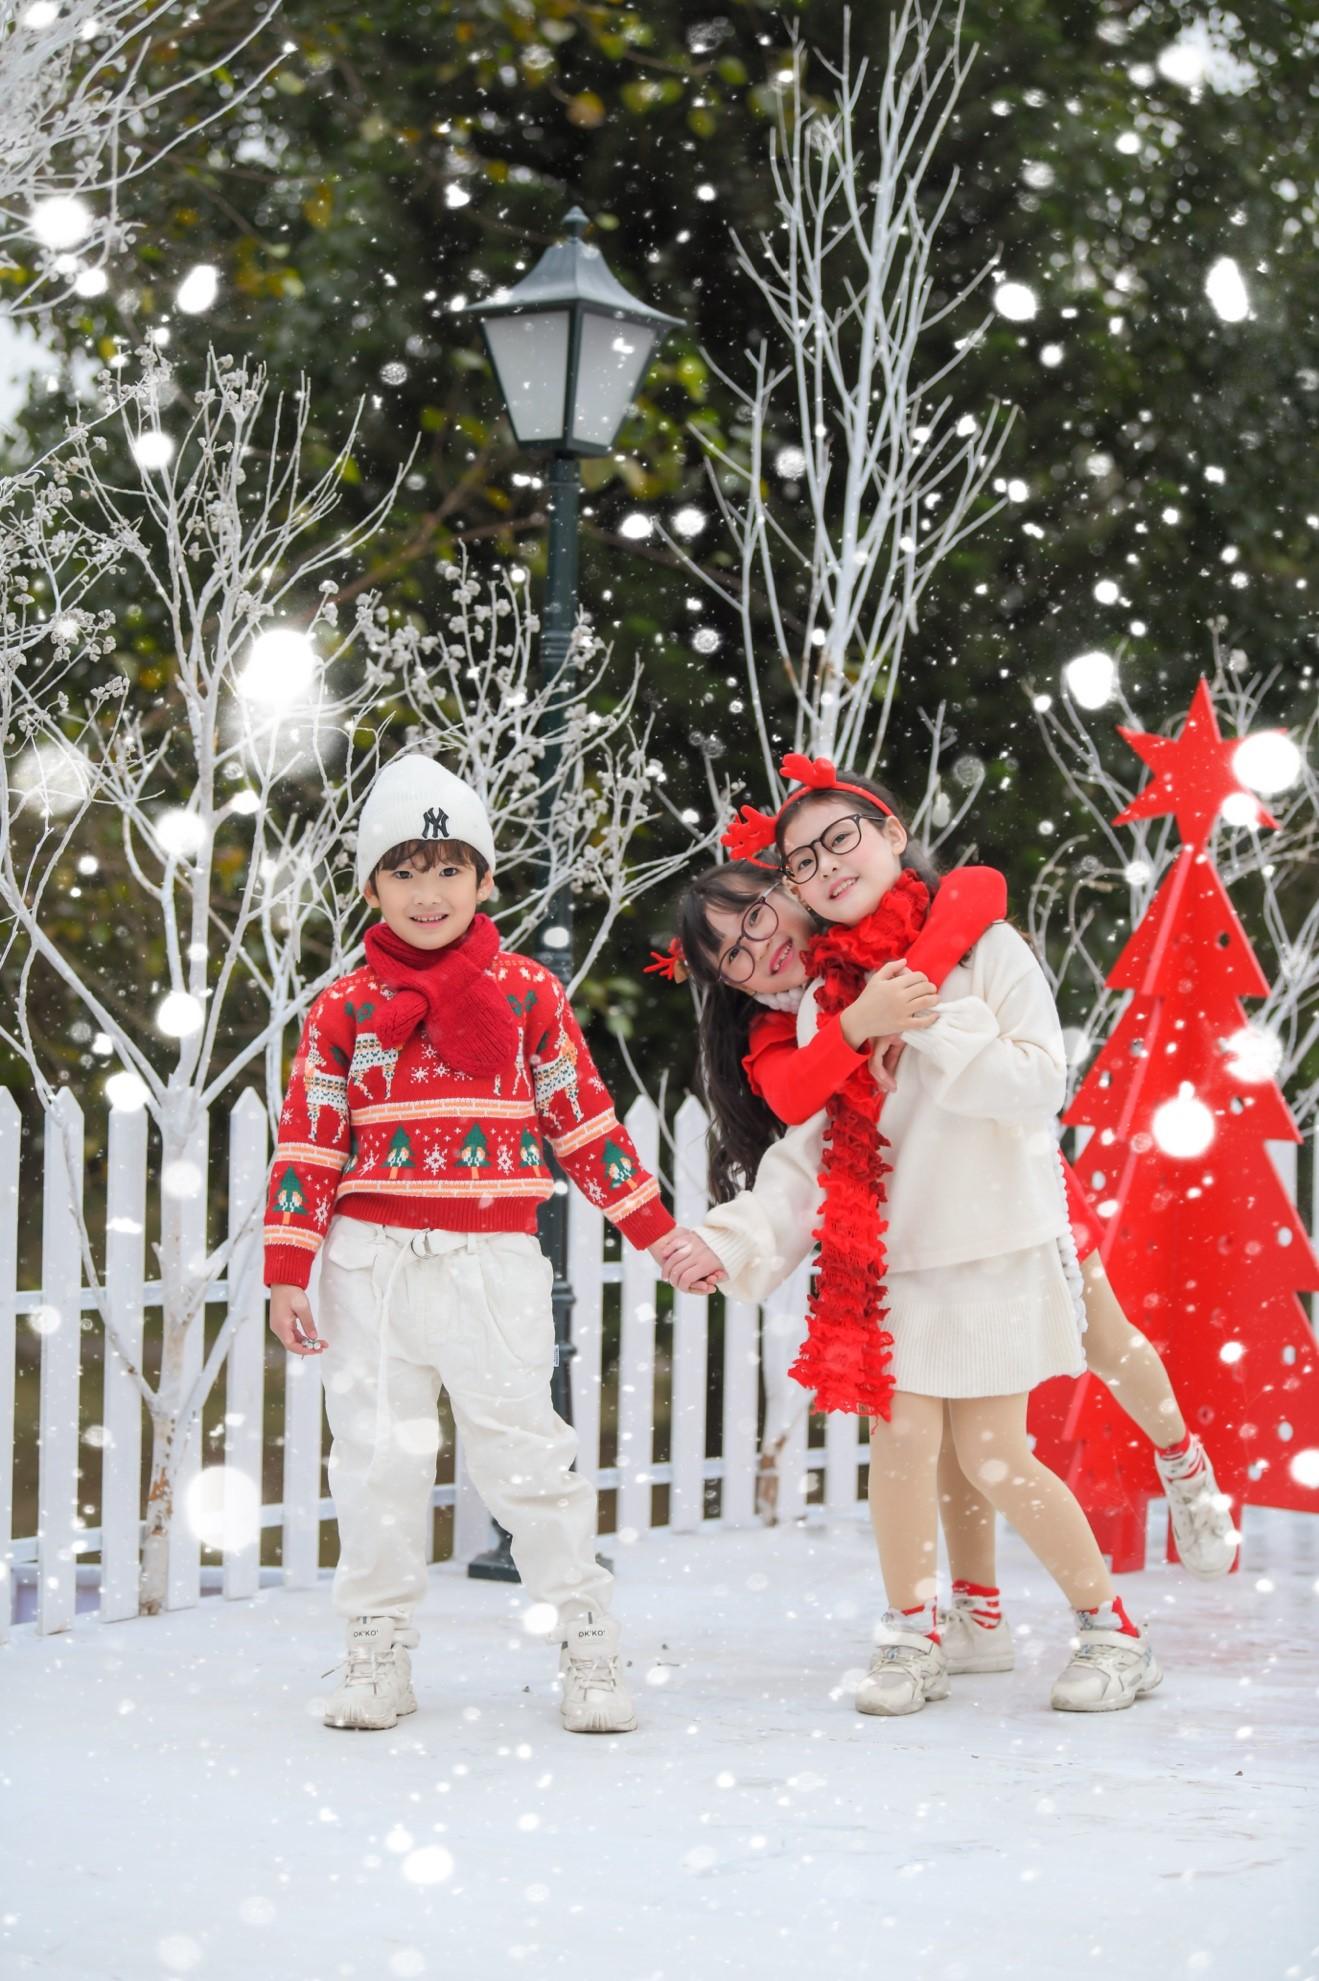 Du khách rần rần đổ về check in cây măng Noel siêu độc đáo tại Ecopark - Ảnh 7